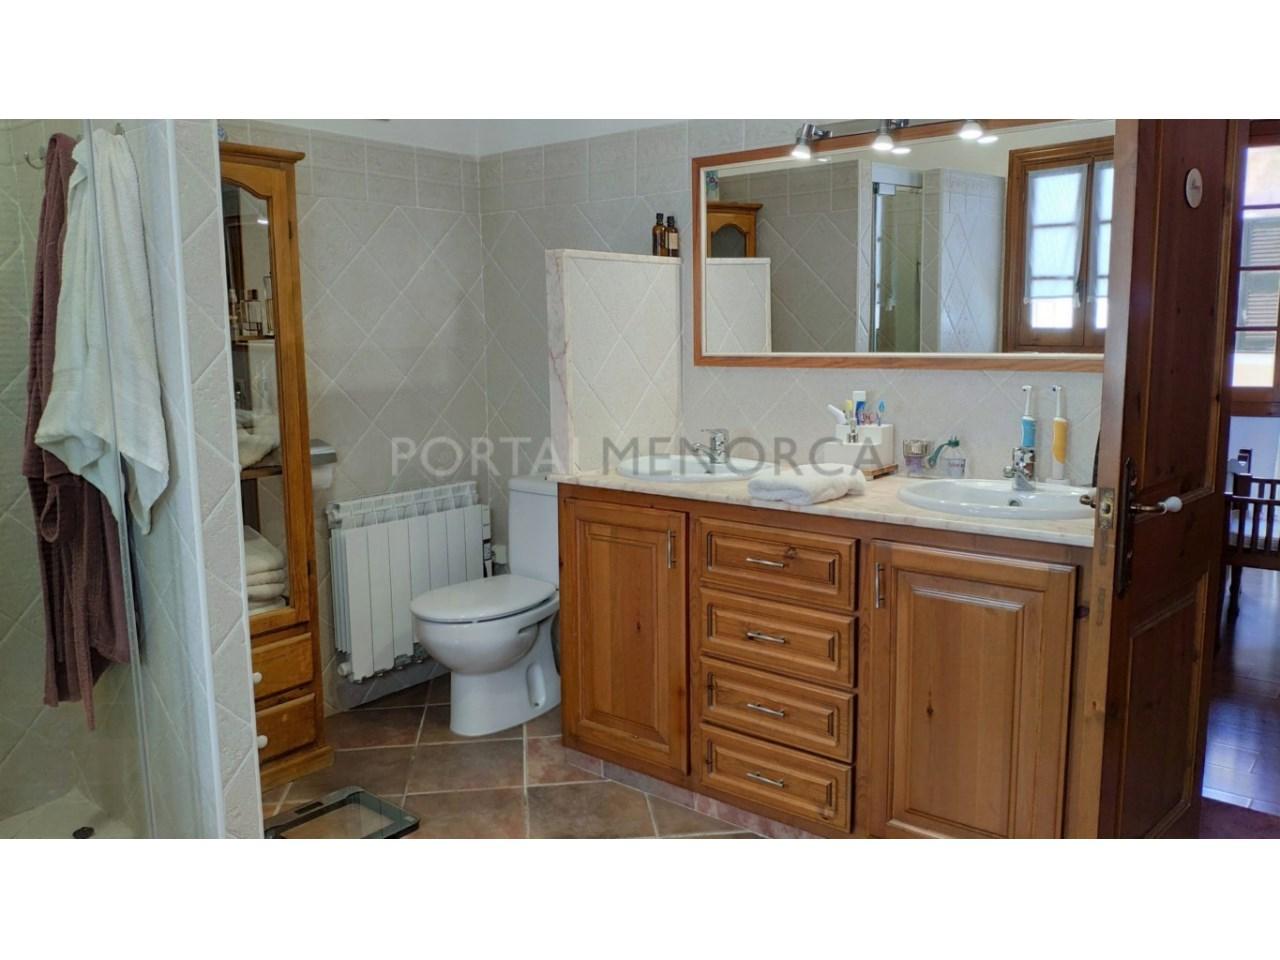 Casa con patio en venta en el casco histórico de Ciutadella - baño suite